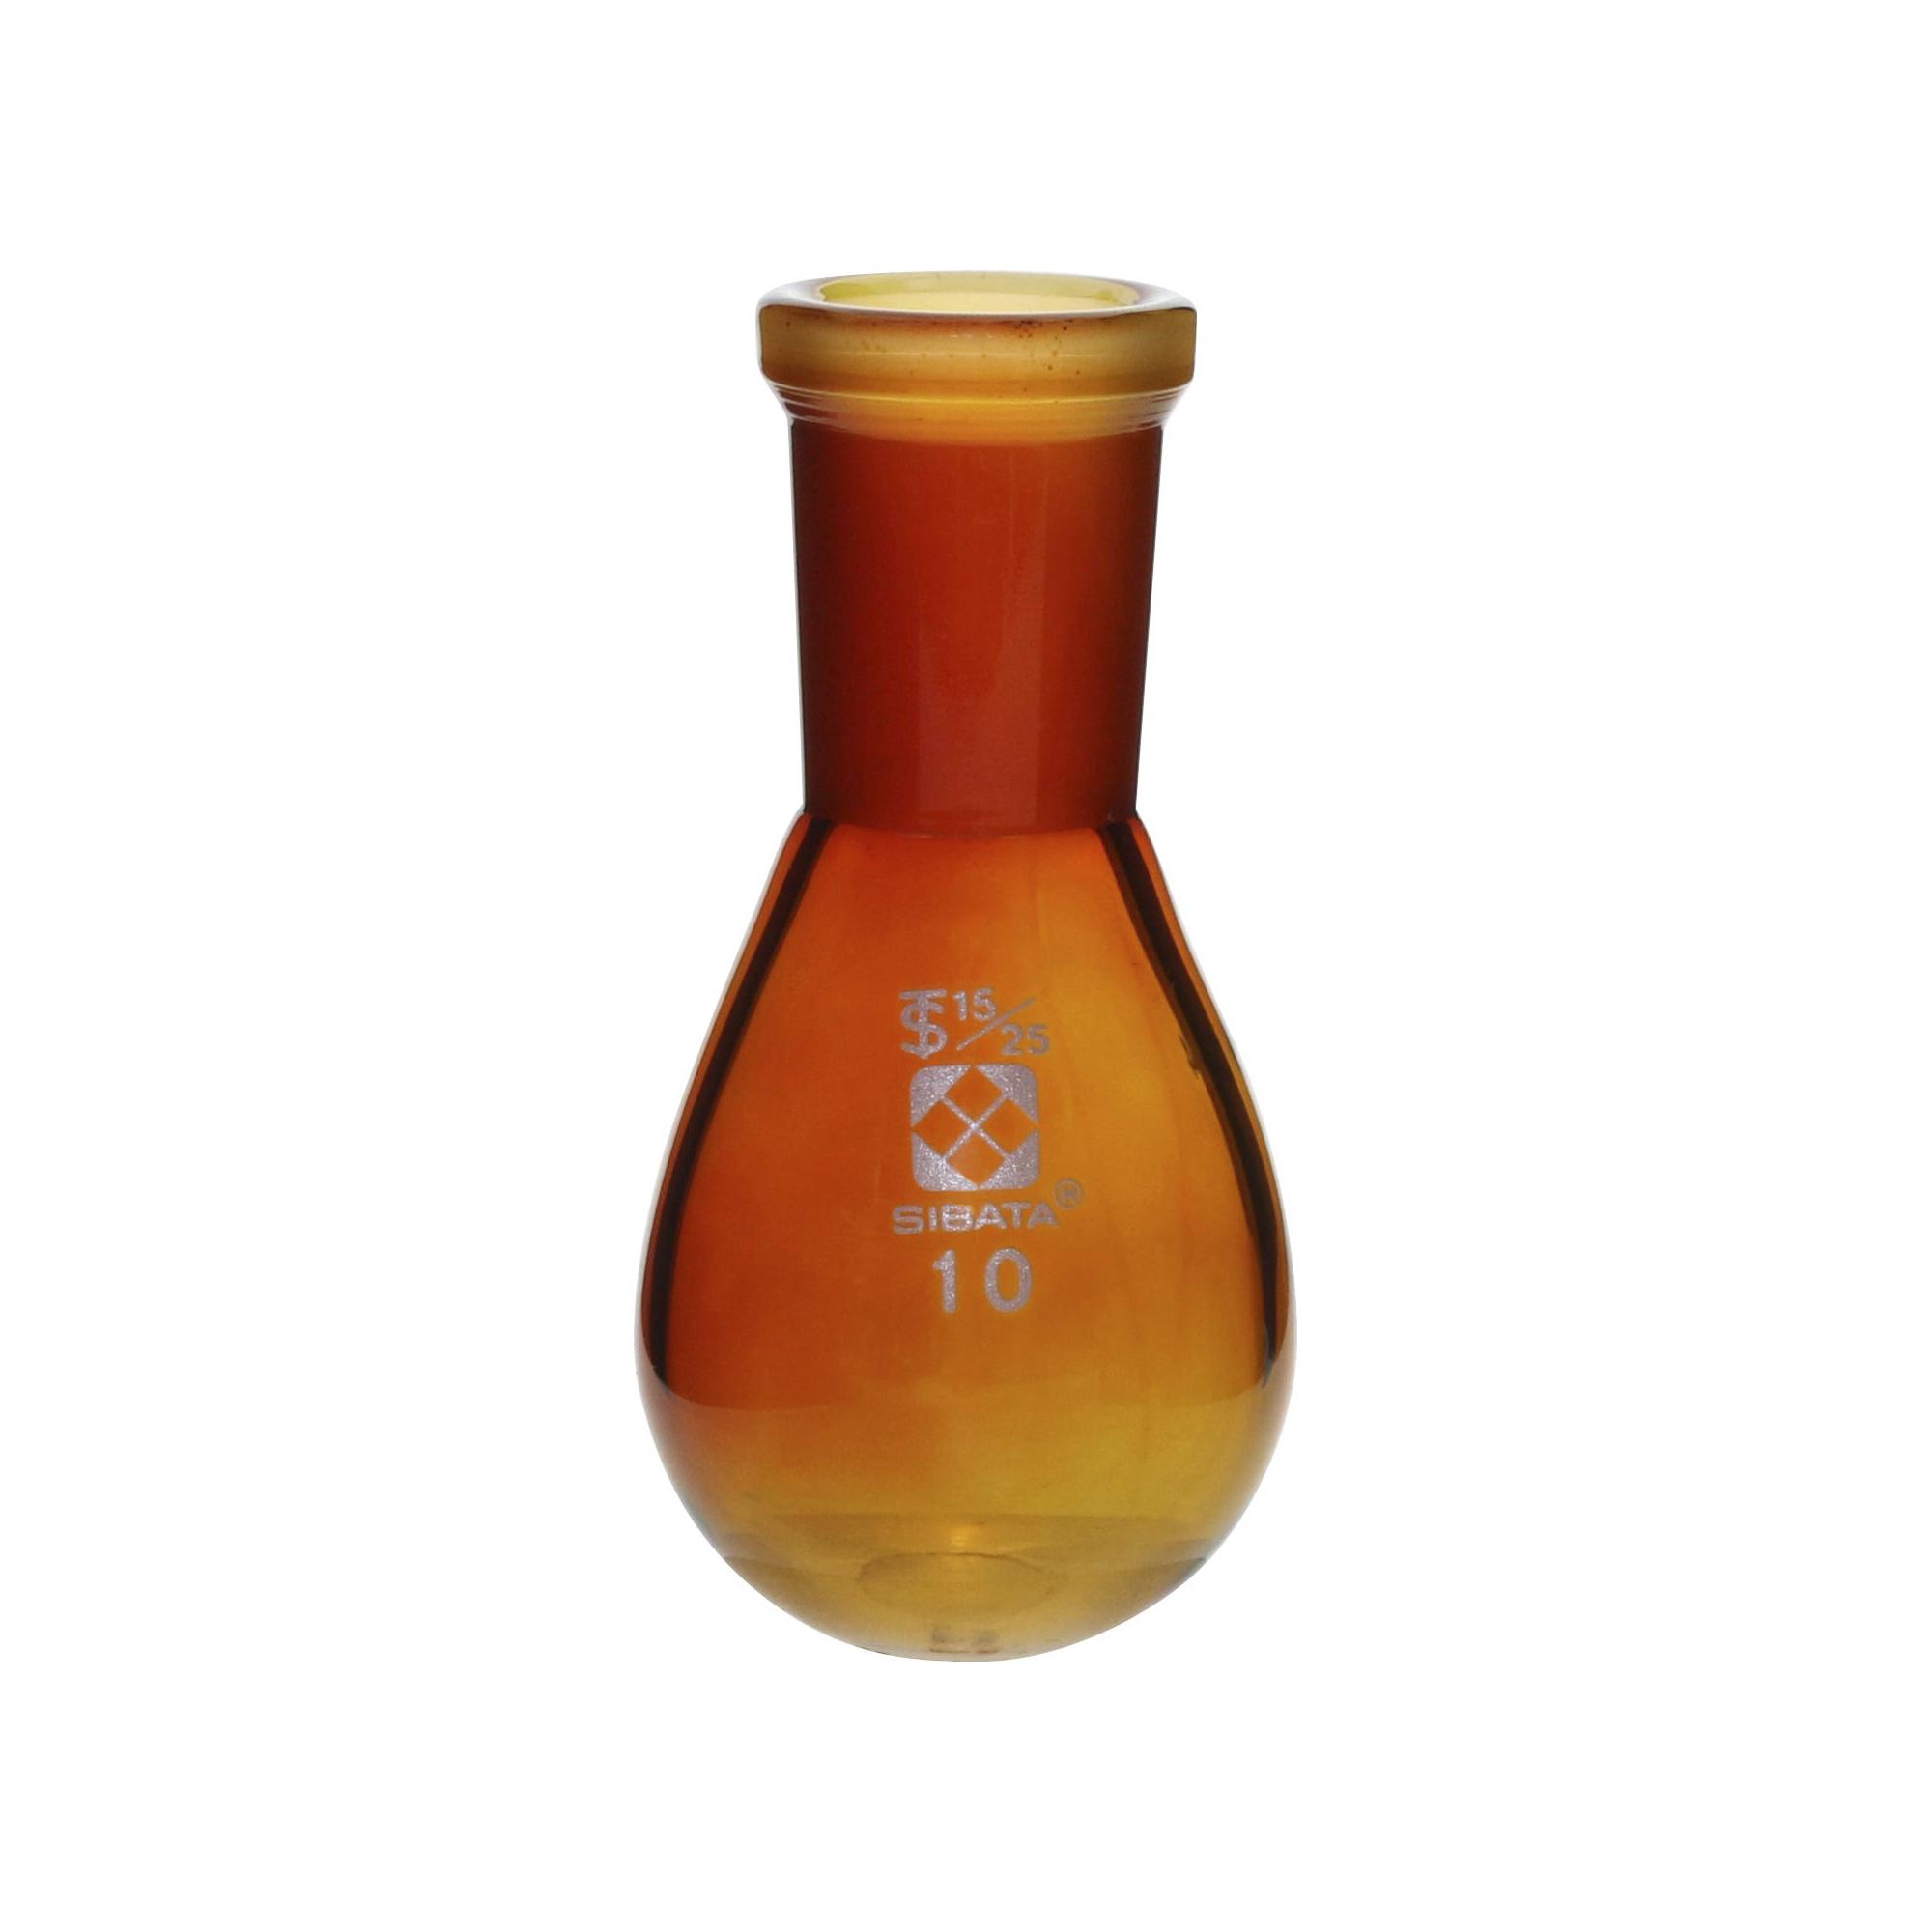 005270-1510 共通摺合なす形フラスコ 茶褐色 10mL 15/25 柴田科学(SIBATA)